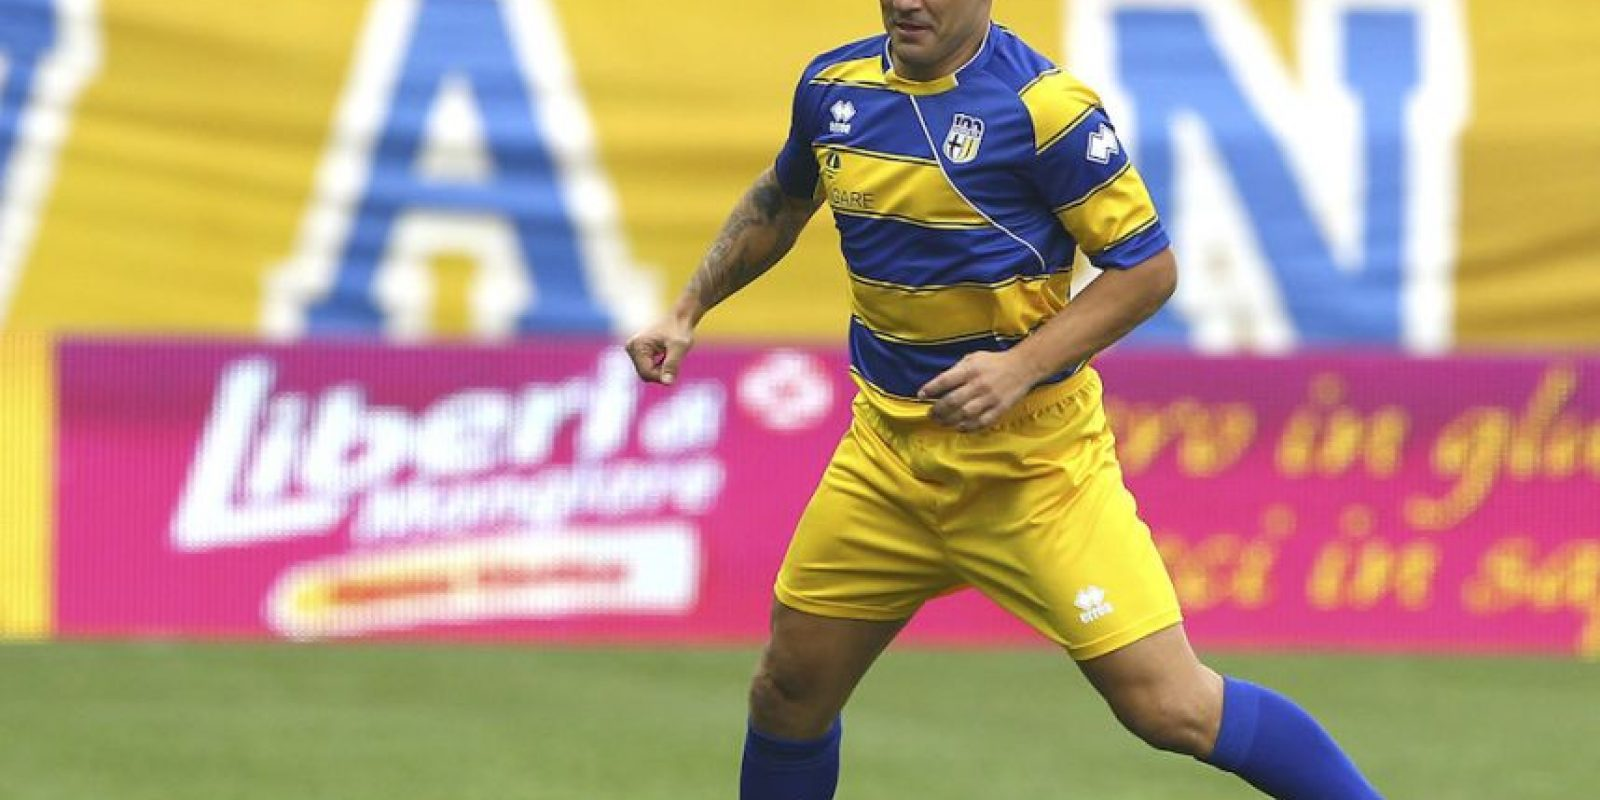 Fabio fue defensor de grandes clubes de Europa. Foto:Getty Images